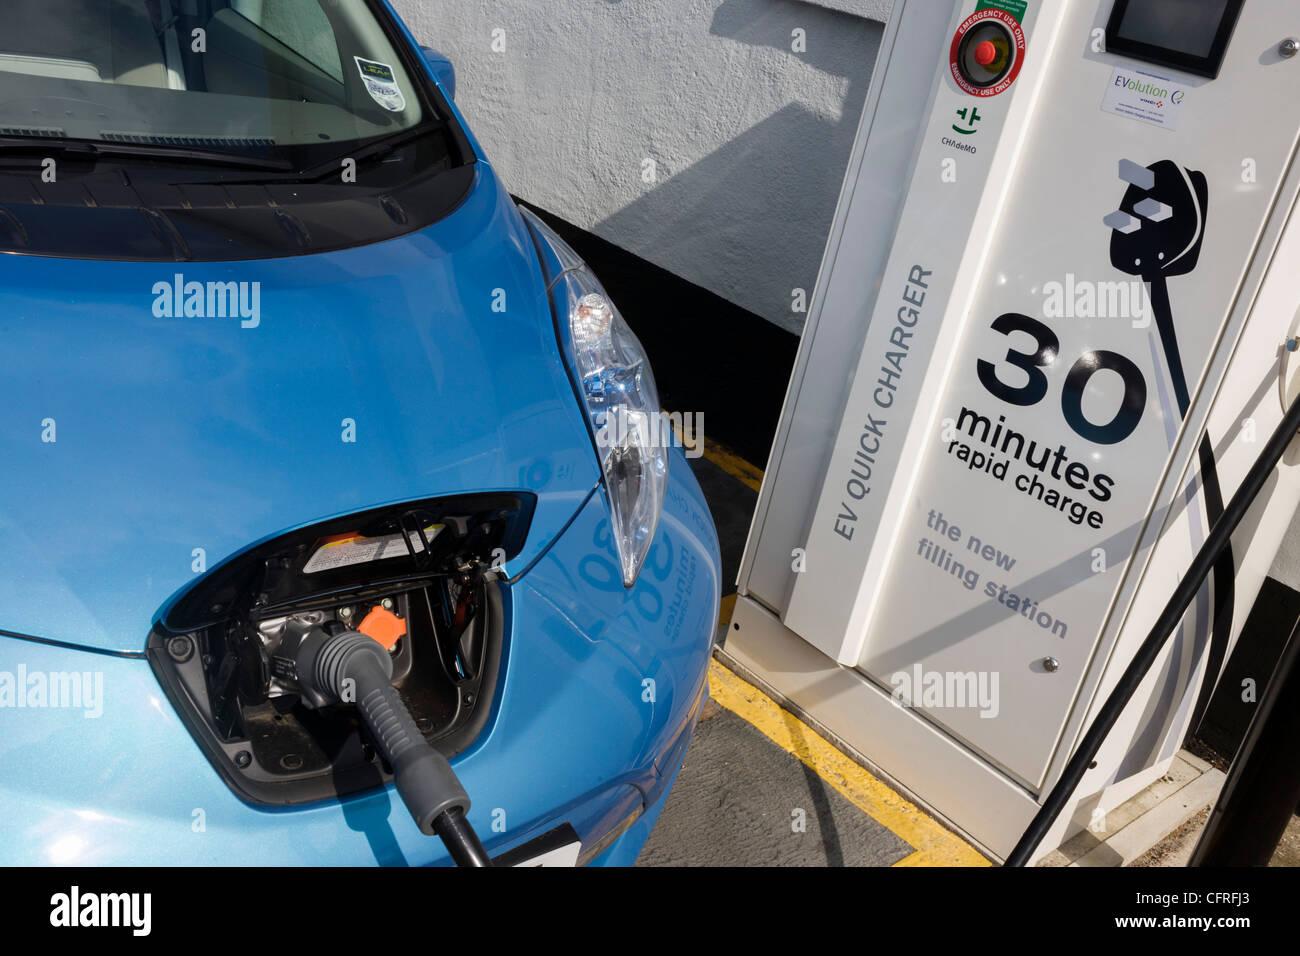 schnellladen ein elektroauto nissan leaf an eine elektrische